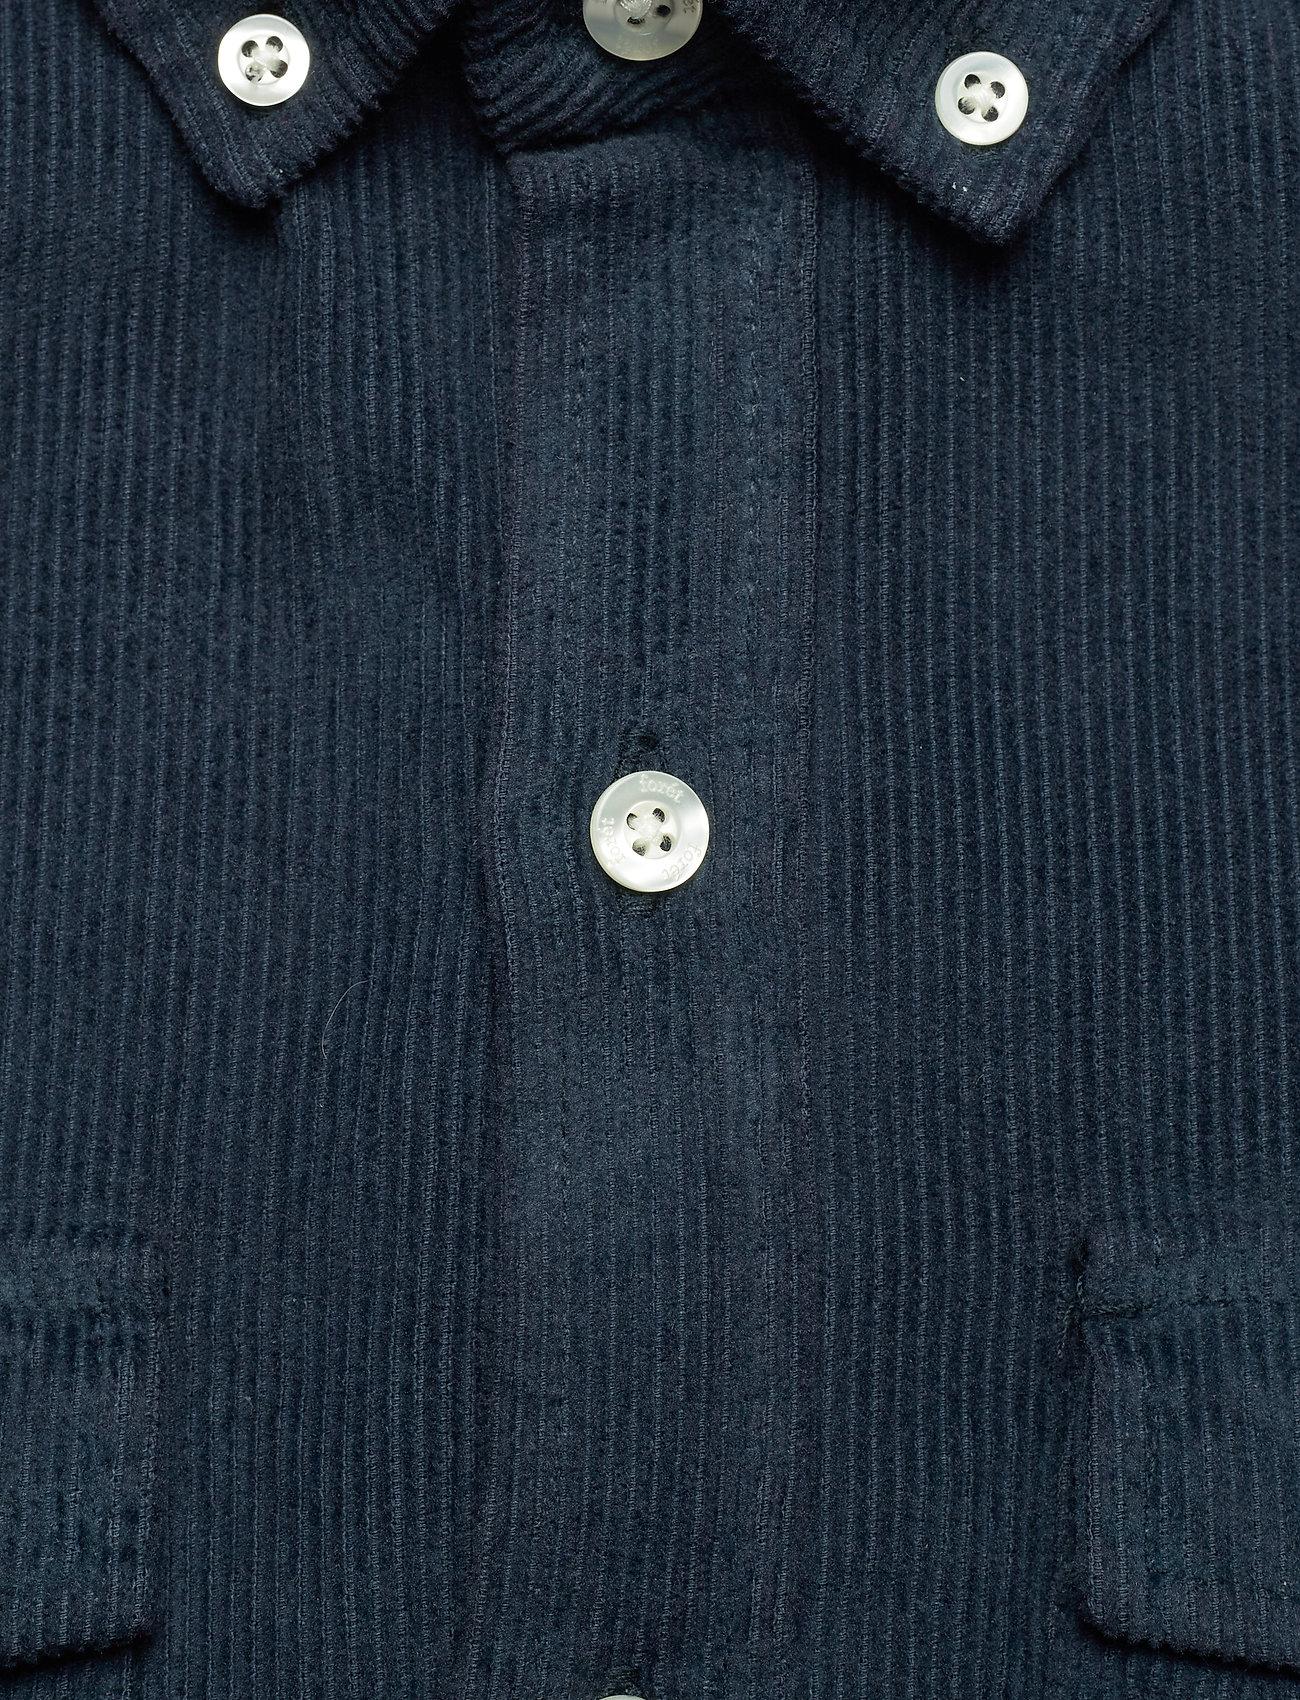 Forét FROG SHIRT - Skjorter NAVY - Menn Klær